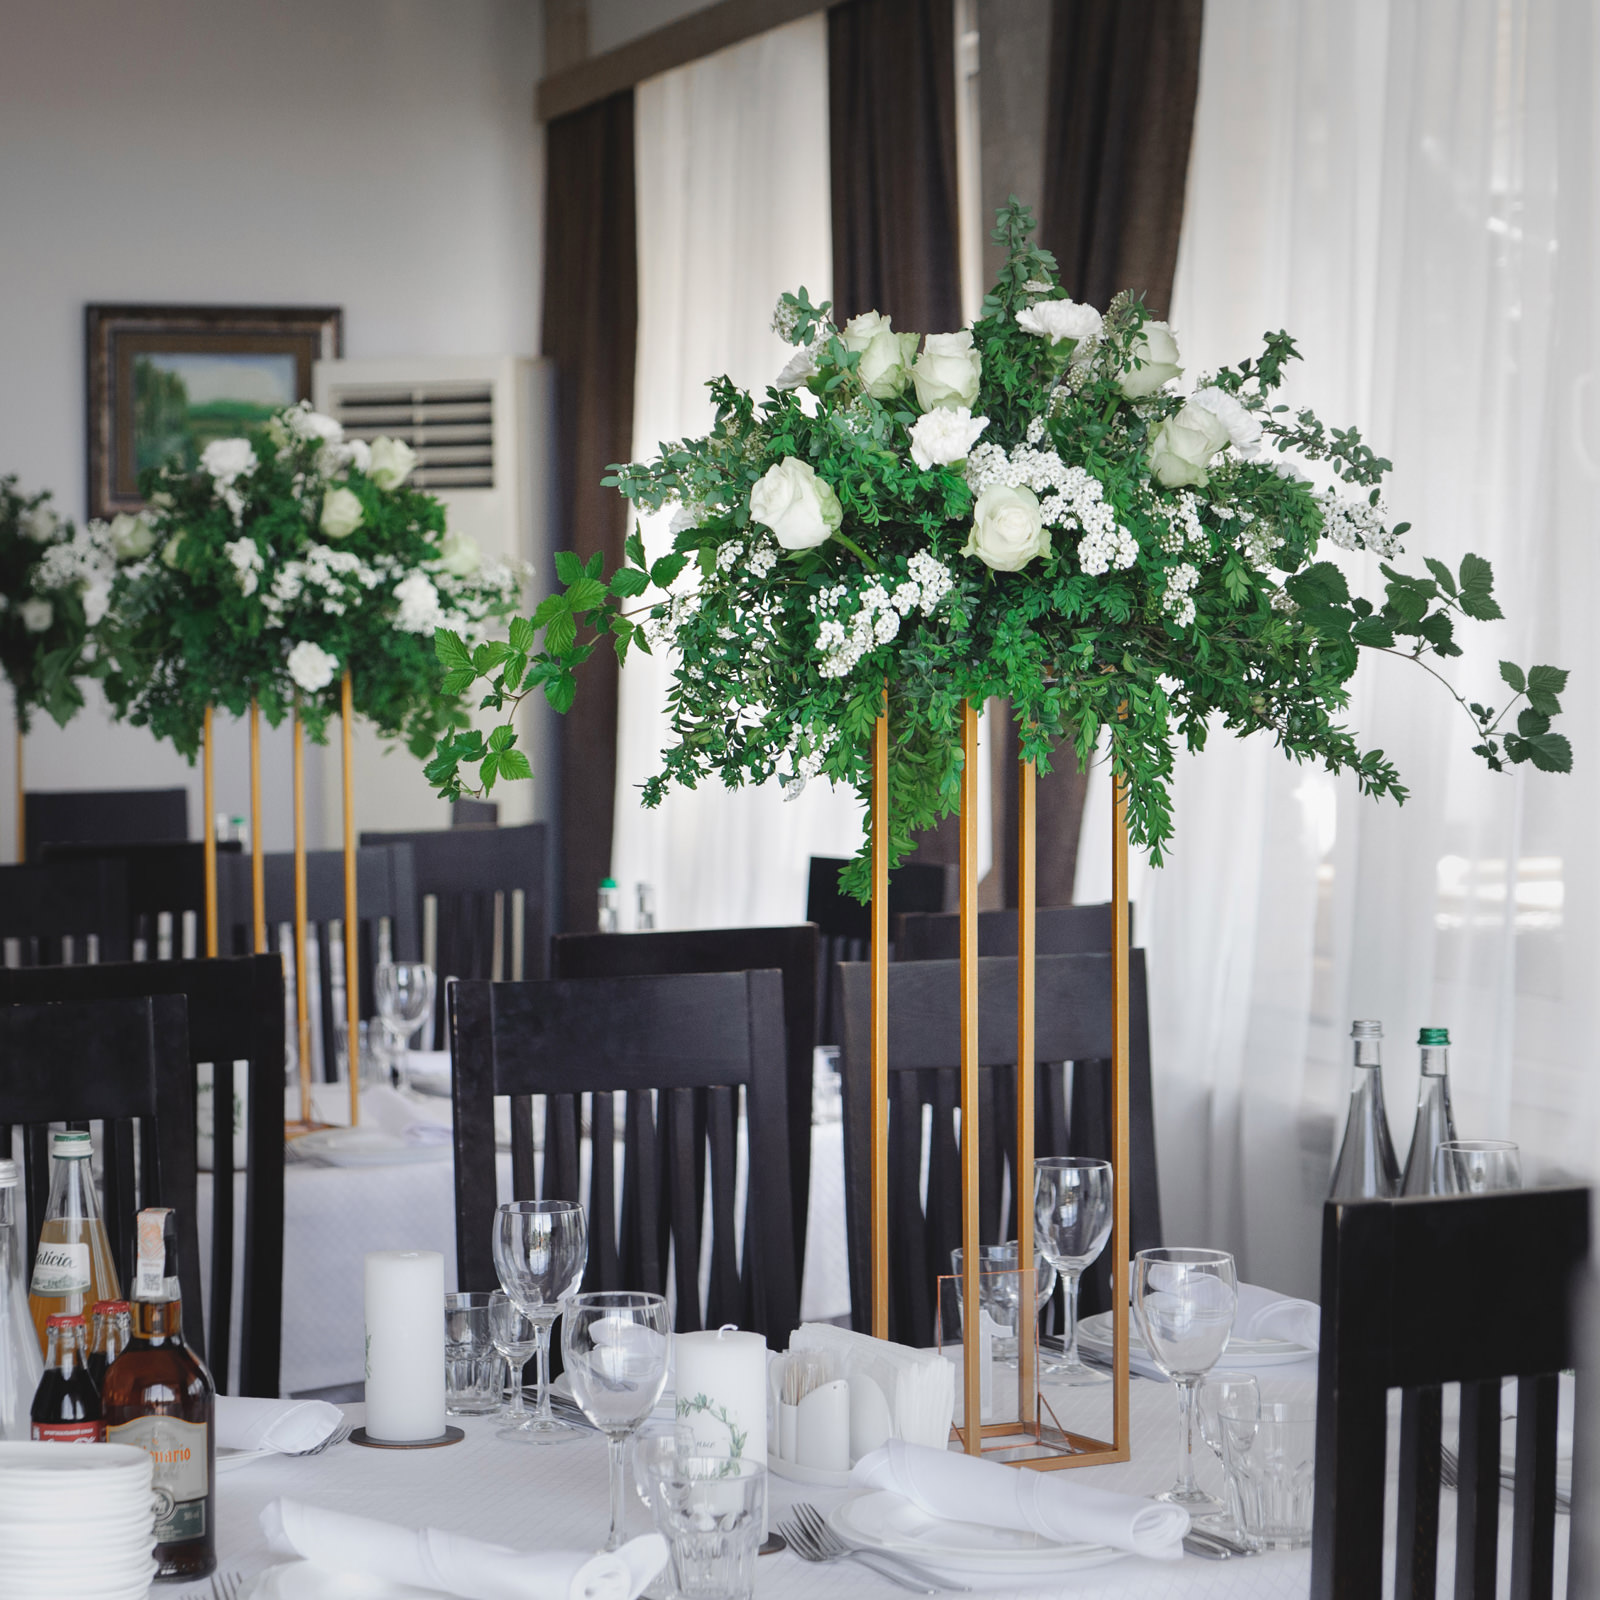 Композиция из зелени с белыми цветами на столах гостей в зале ресторана